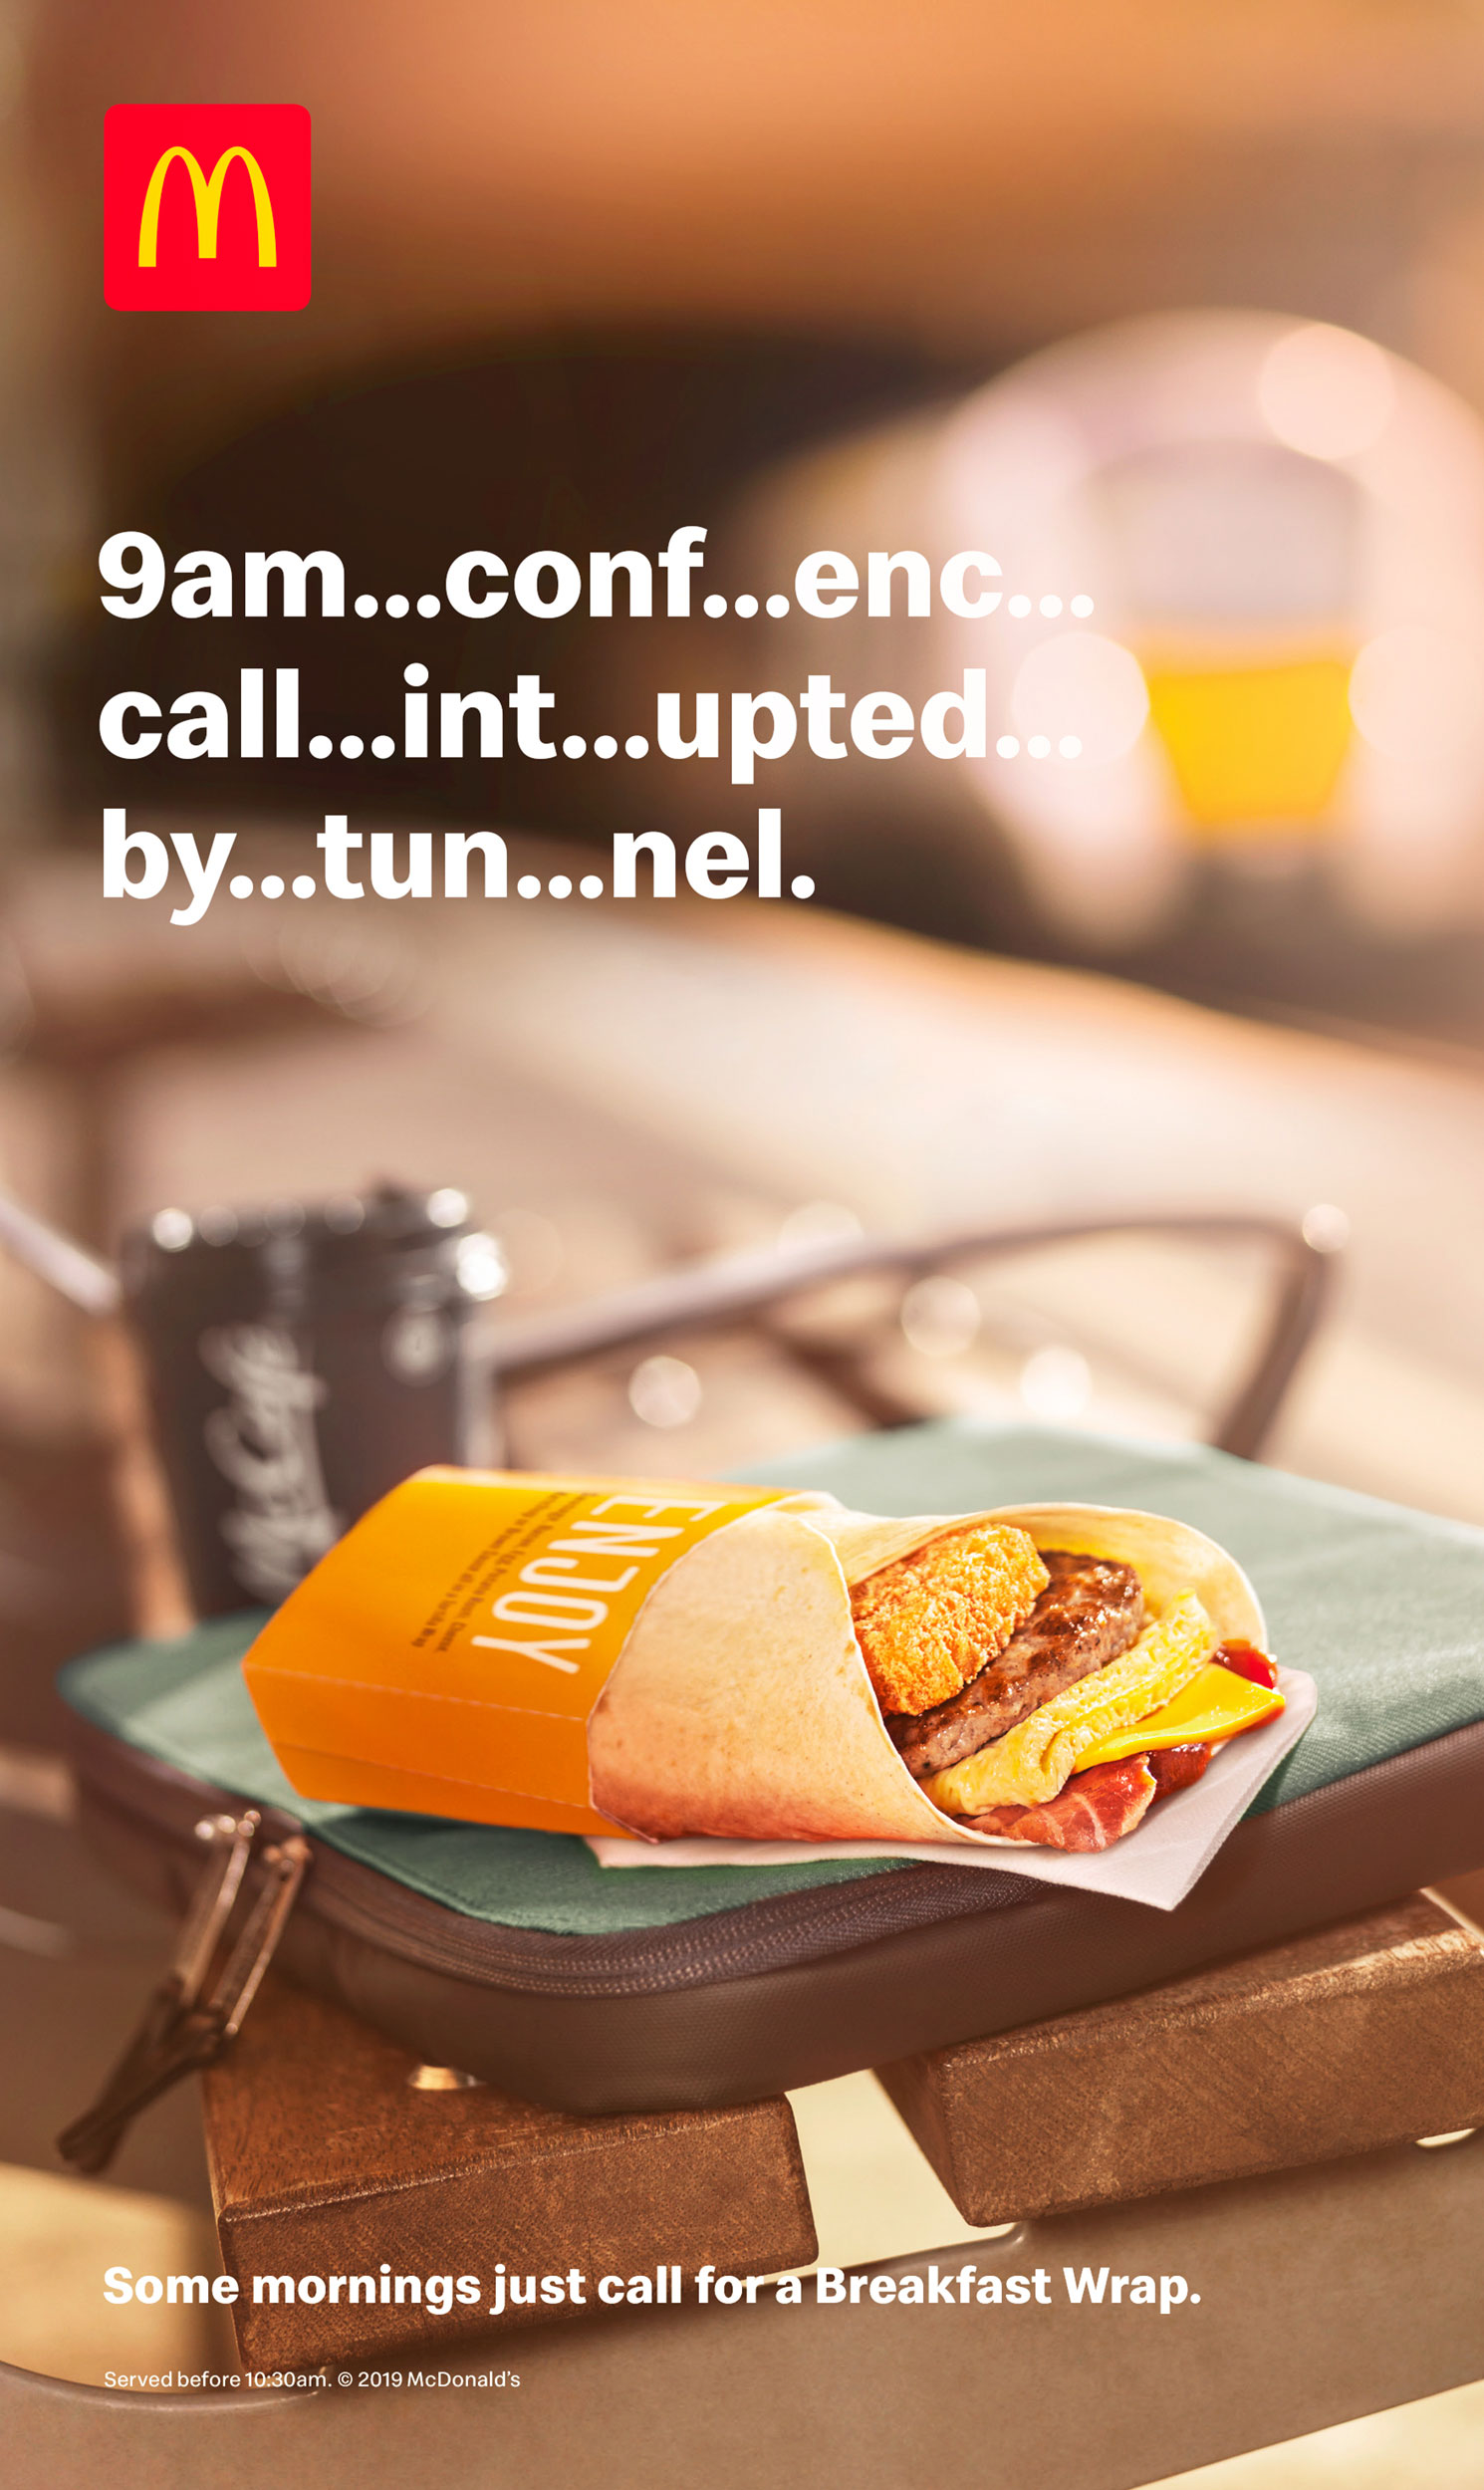 McD_Breakfast_Tunnel_jh01.jpg